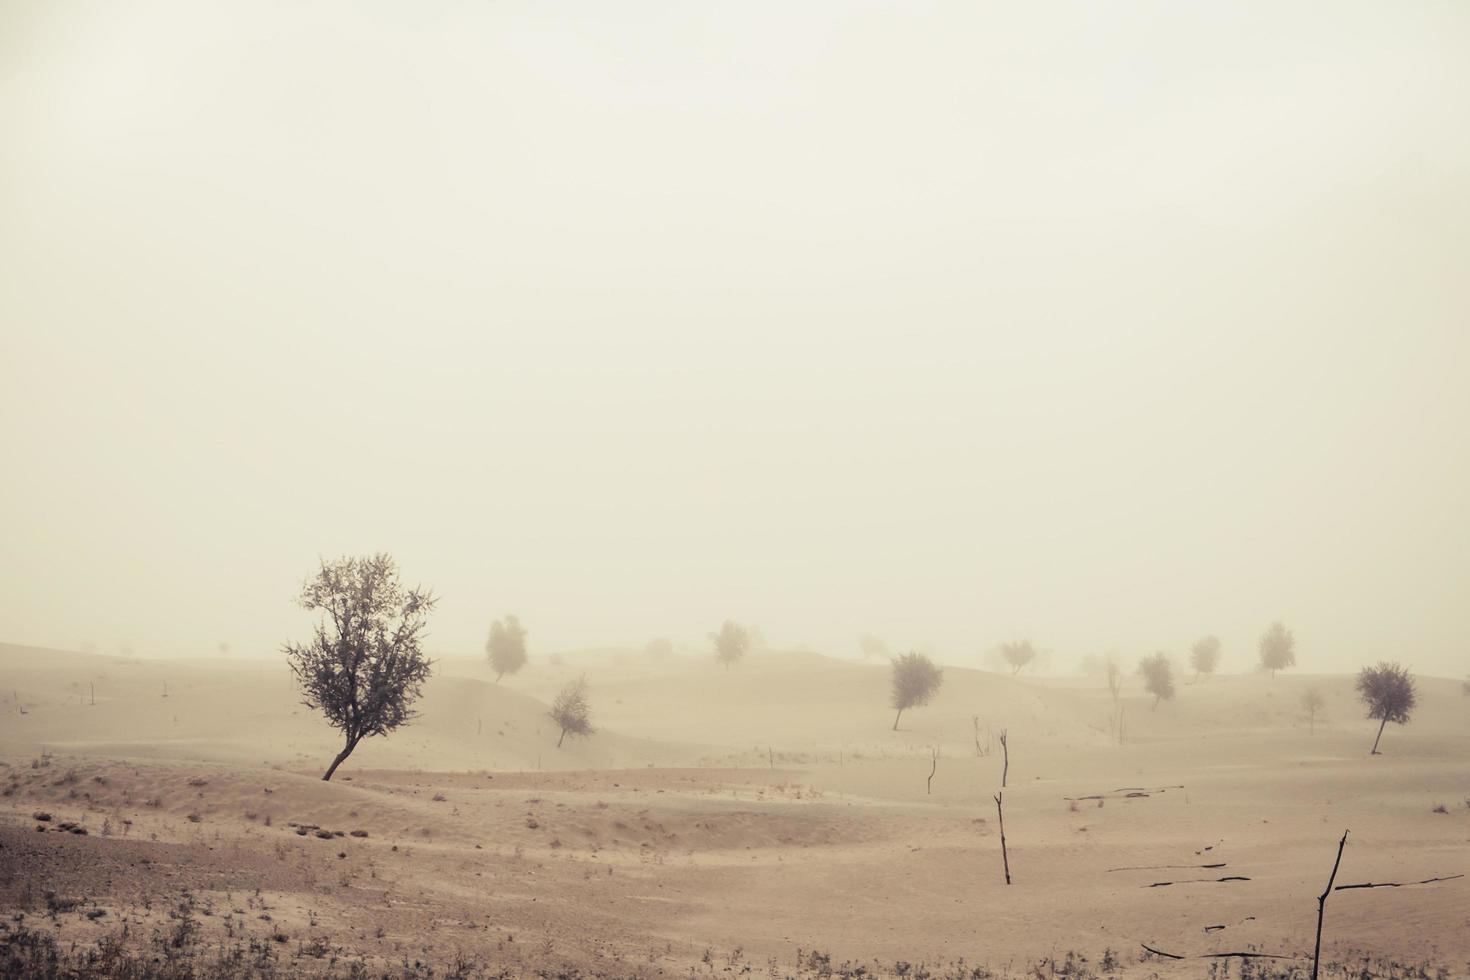 Wind vor Sandsturm in der Wüste foto